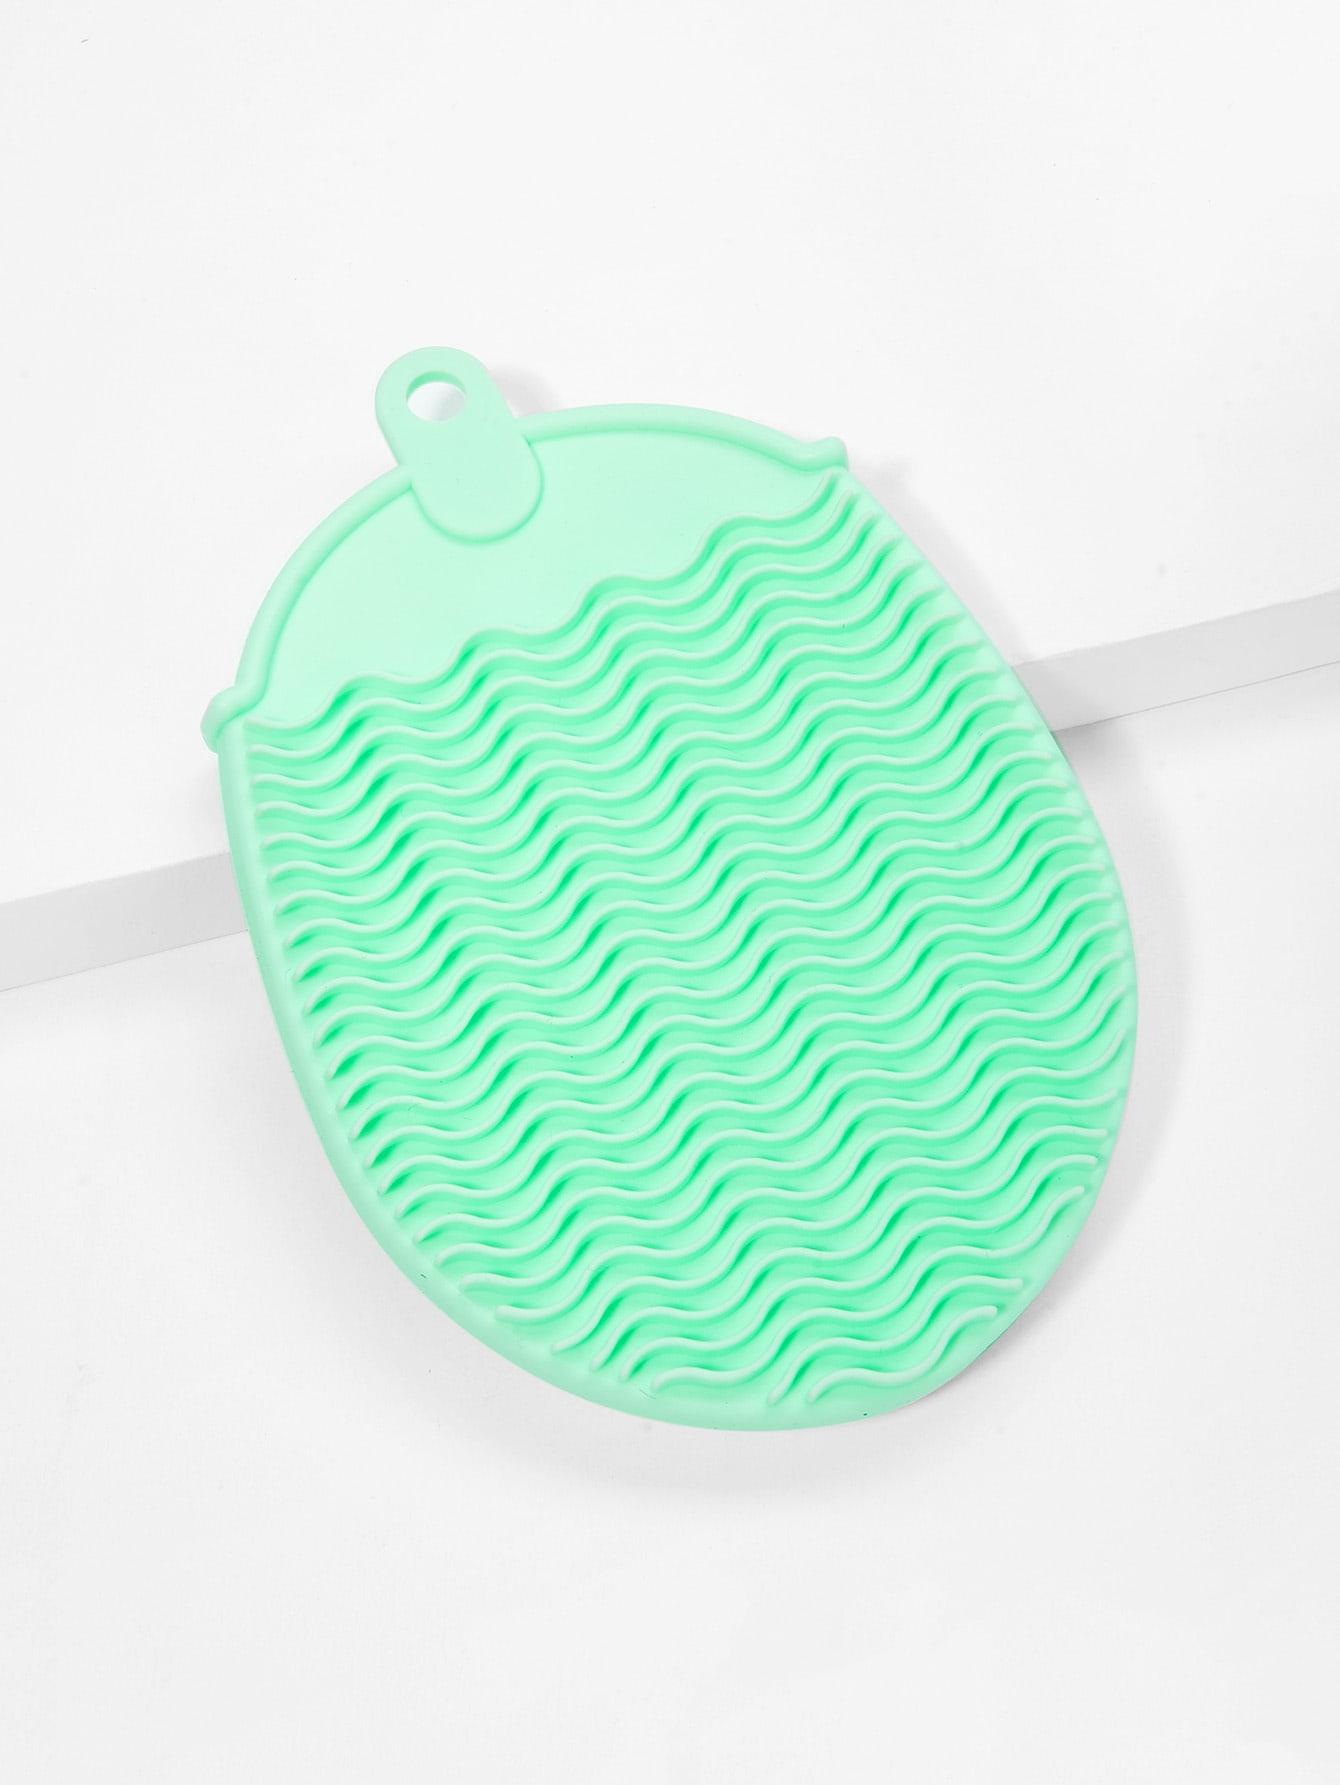 Пластиковый очищающий инструмент для лица, null, SheIn  - купить со скидкой